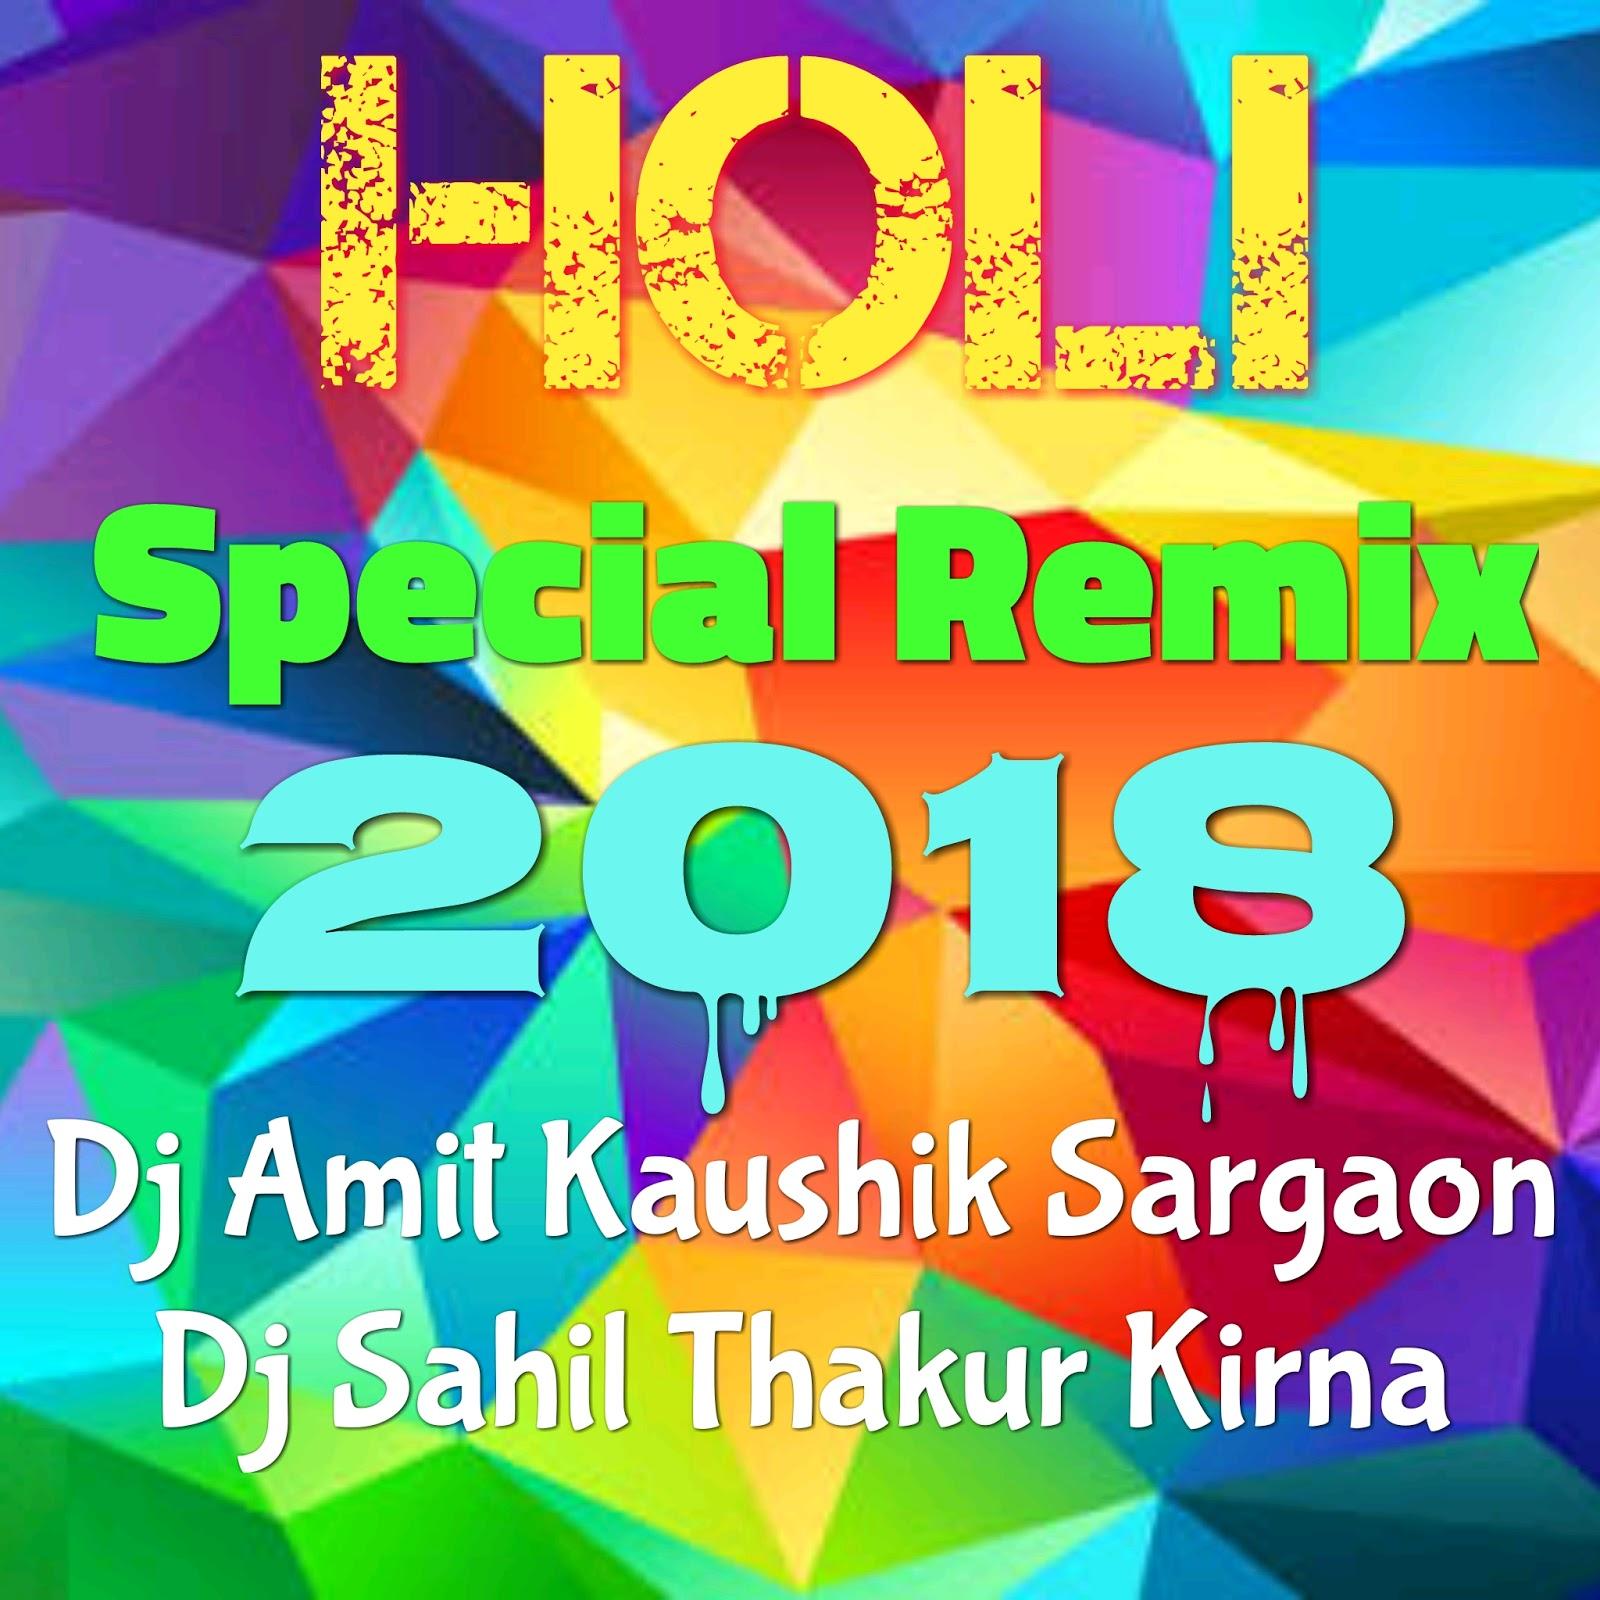 Dj Amit Kaushik Mp3 Songs: 2018